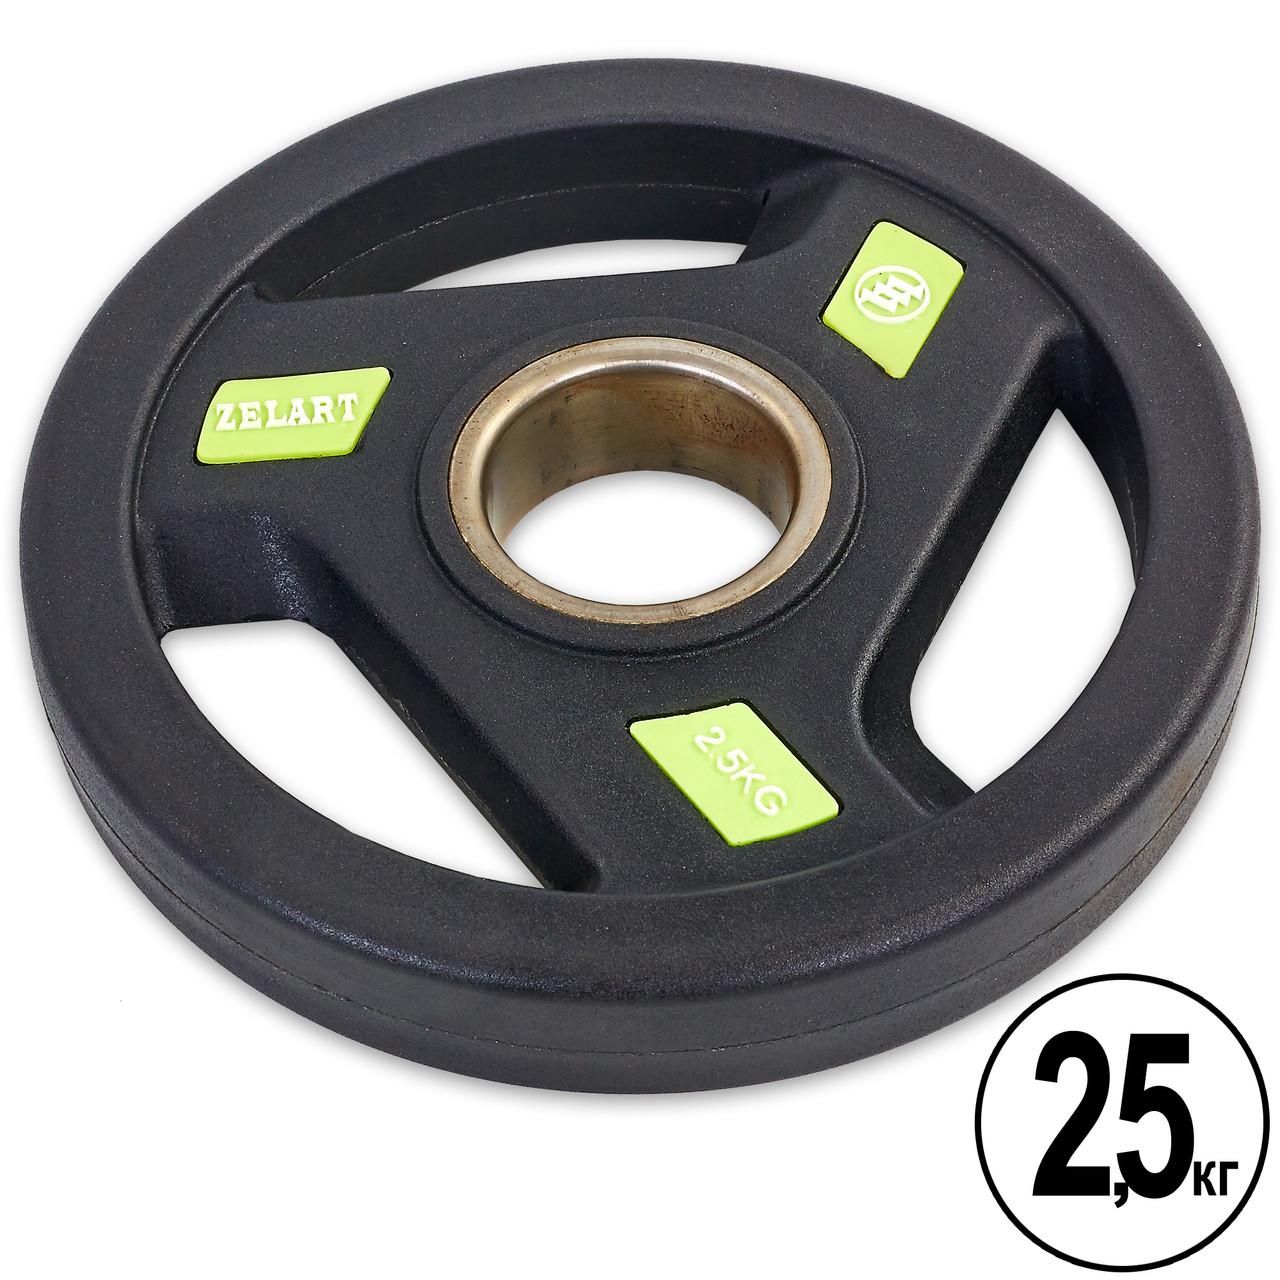 Блины (диски) полиуретановые с хватом и металлической втулкой d-51мм Zelart TA-5344- 2,5 2,5кг (черный)